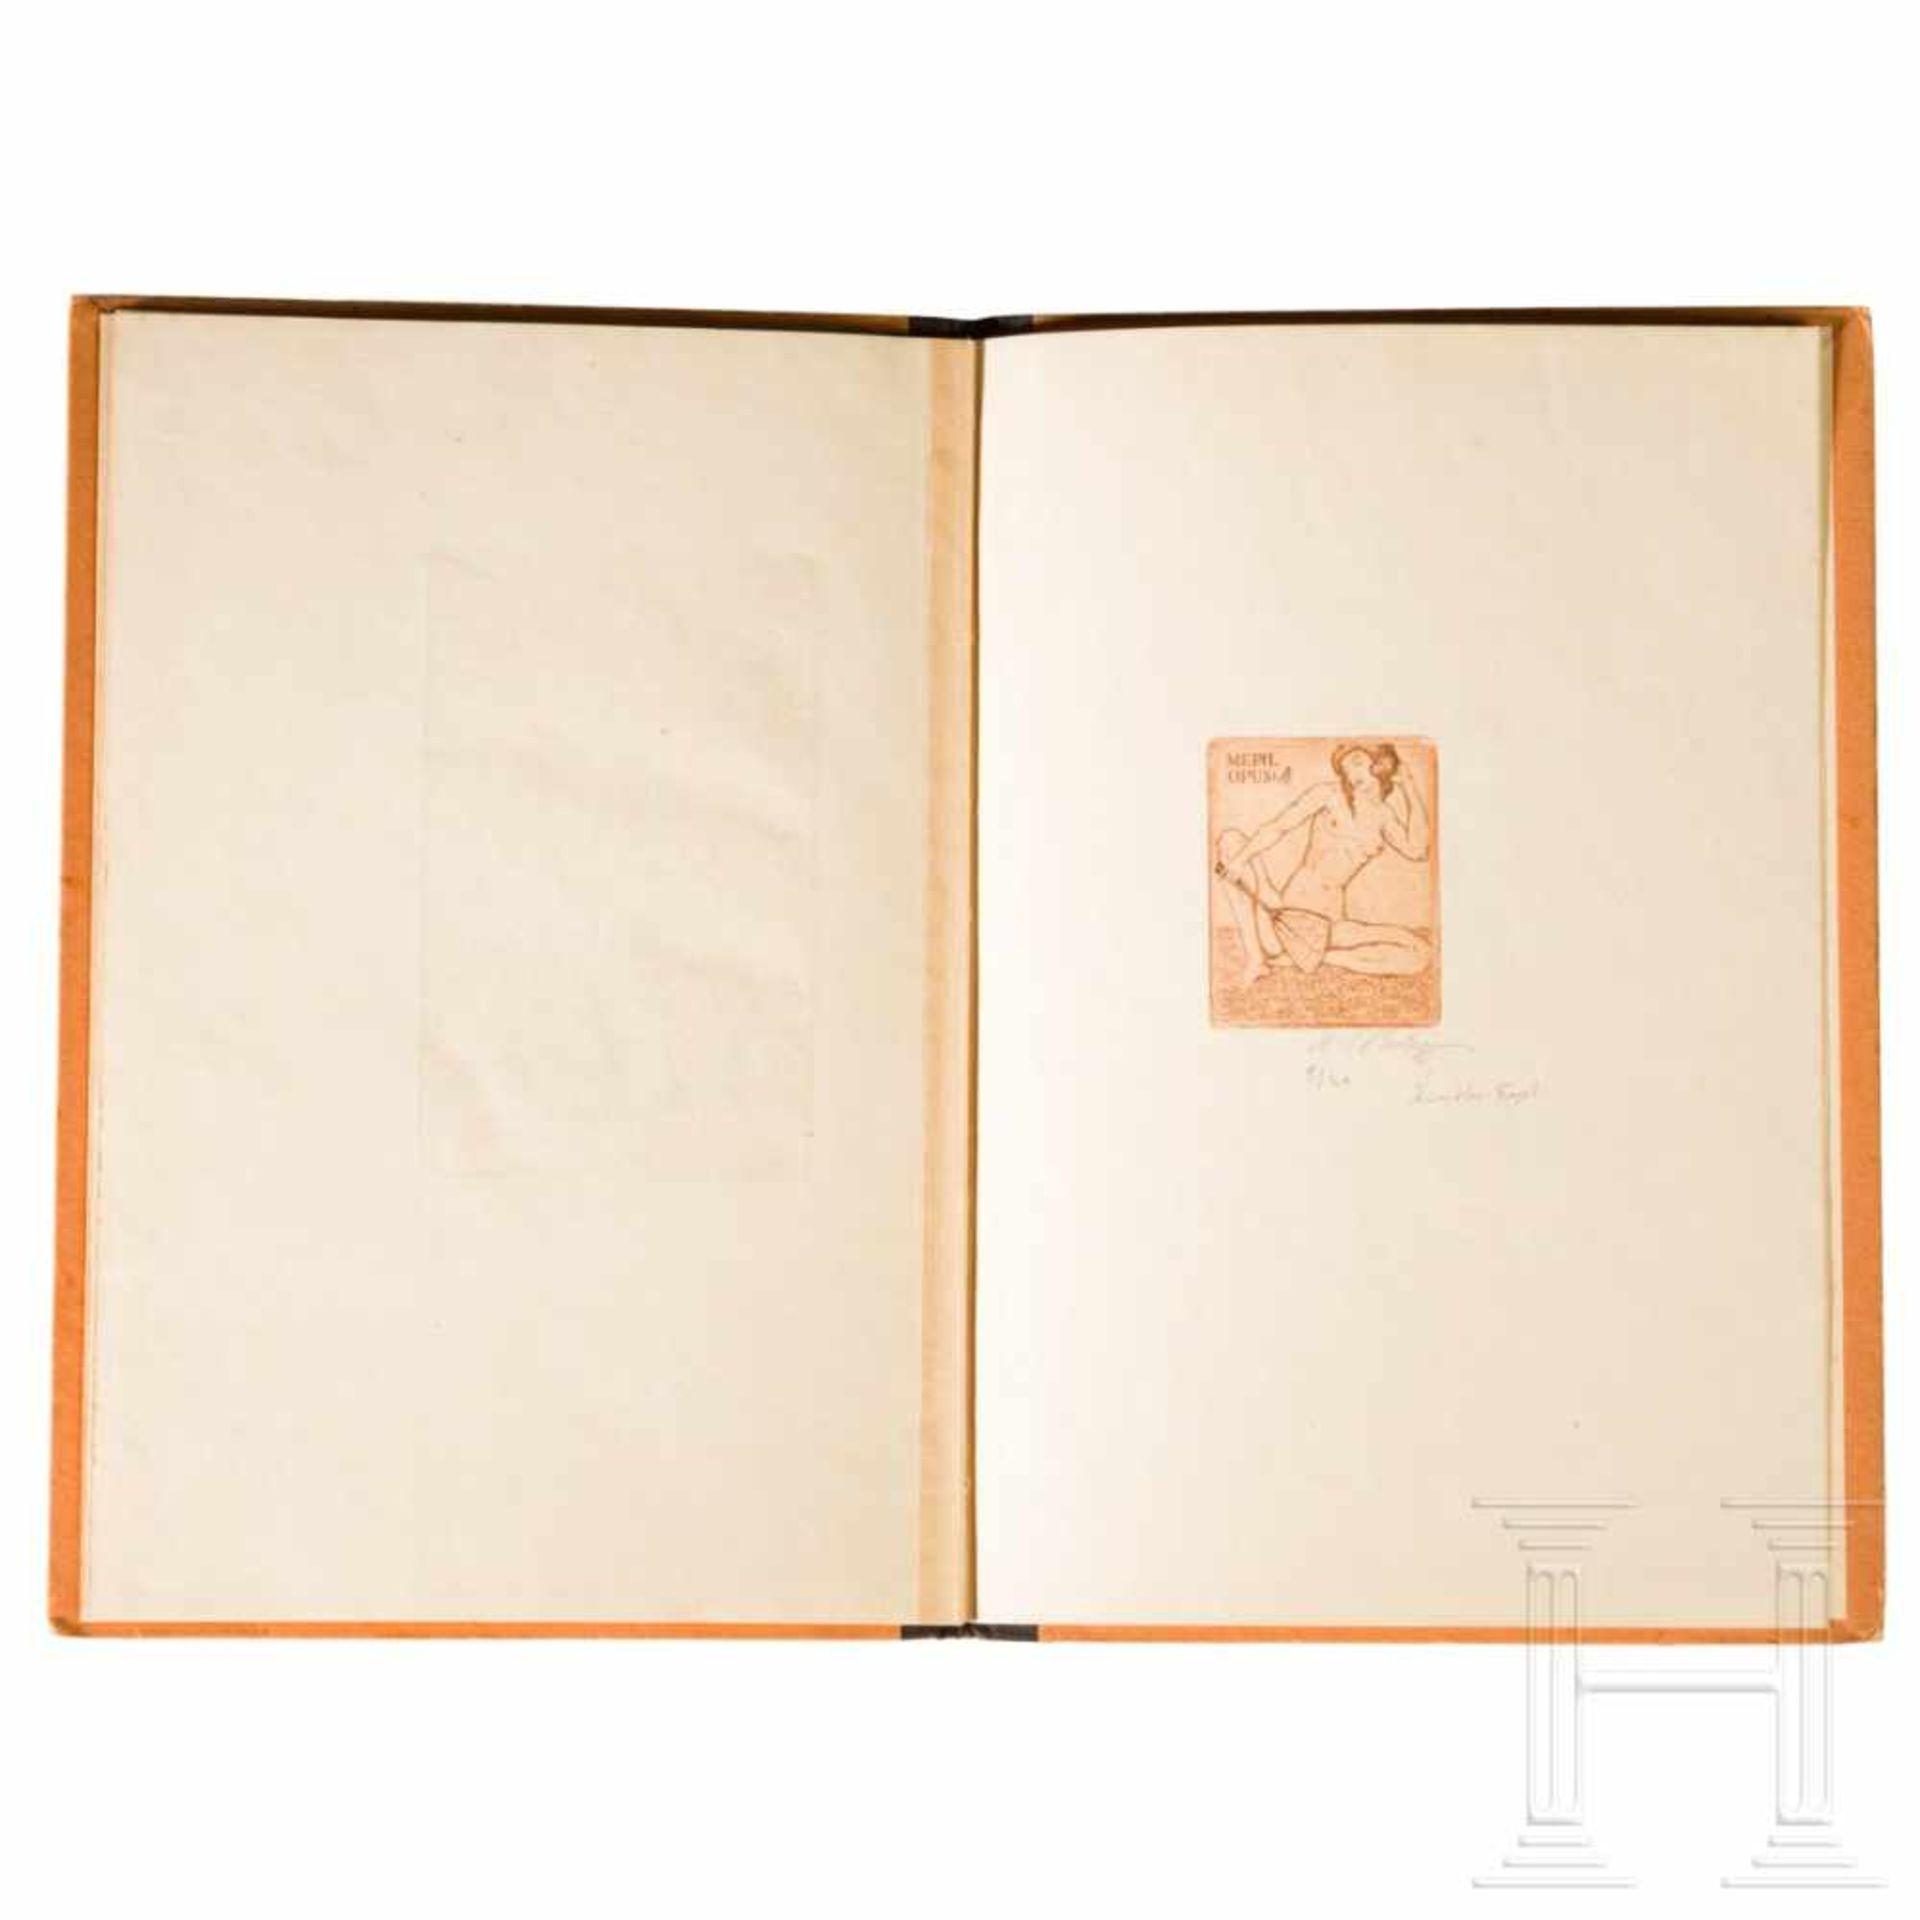 """Los 6045 - Hanns Rudolf Klimas - """"Das Mädchen in dem Porzellanturm"""" with book plate Hermann GoeringNach H. de"""